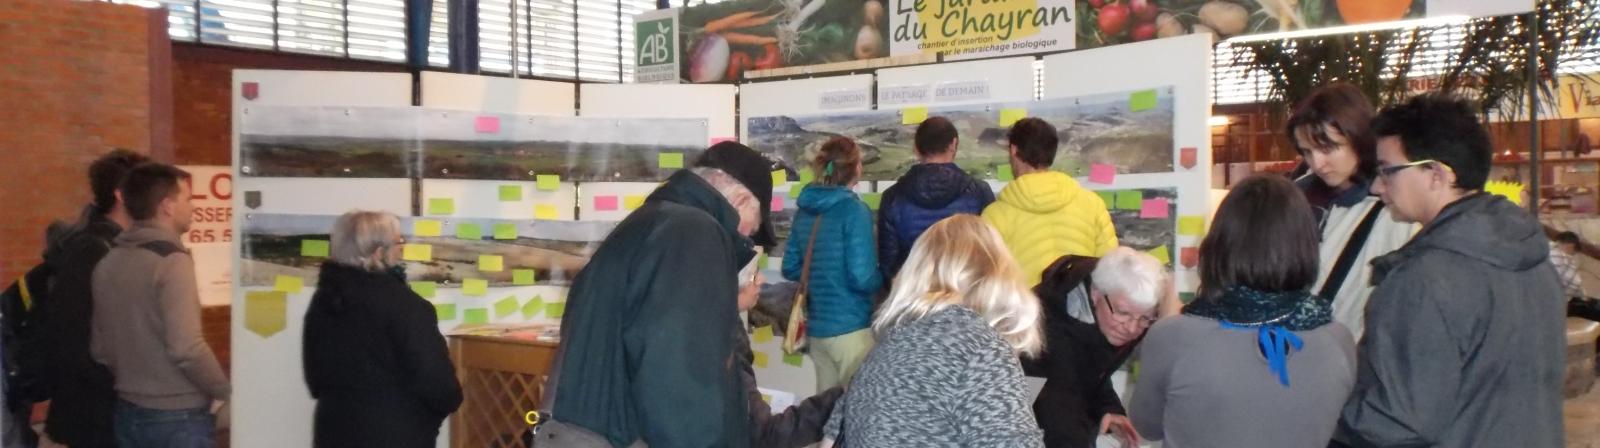 conertation paysage marché millau